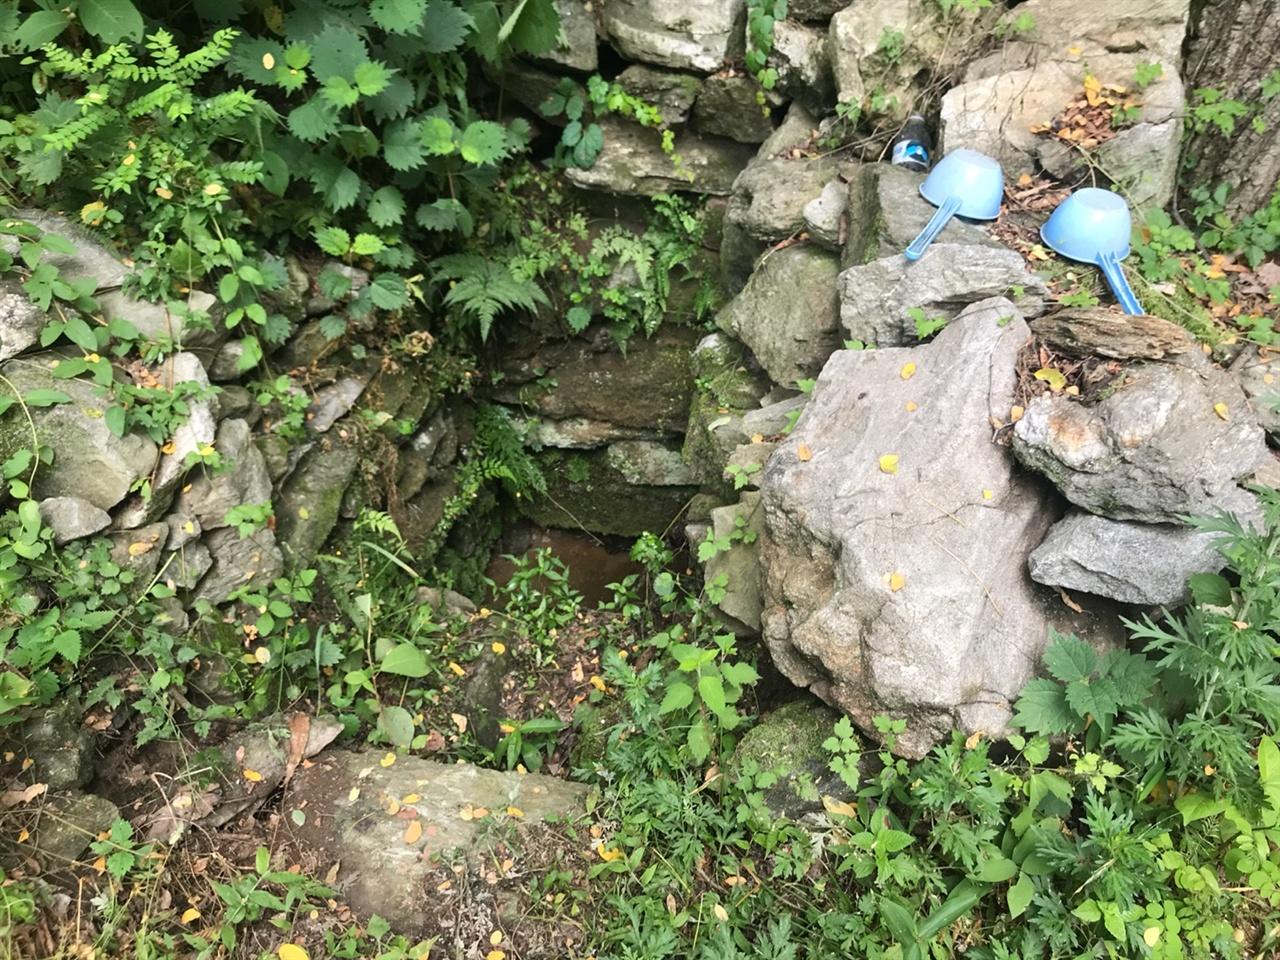 발원지로 지정할 만한 샘의 모습 .